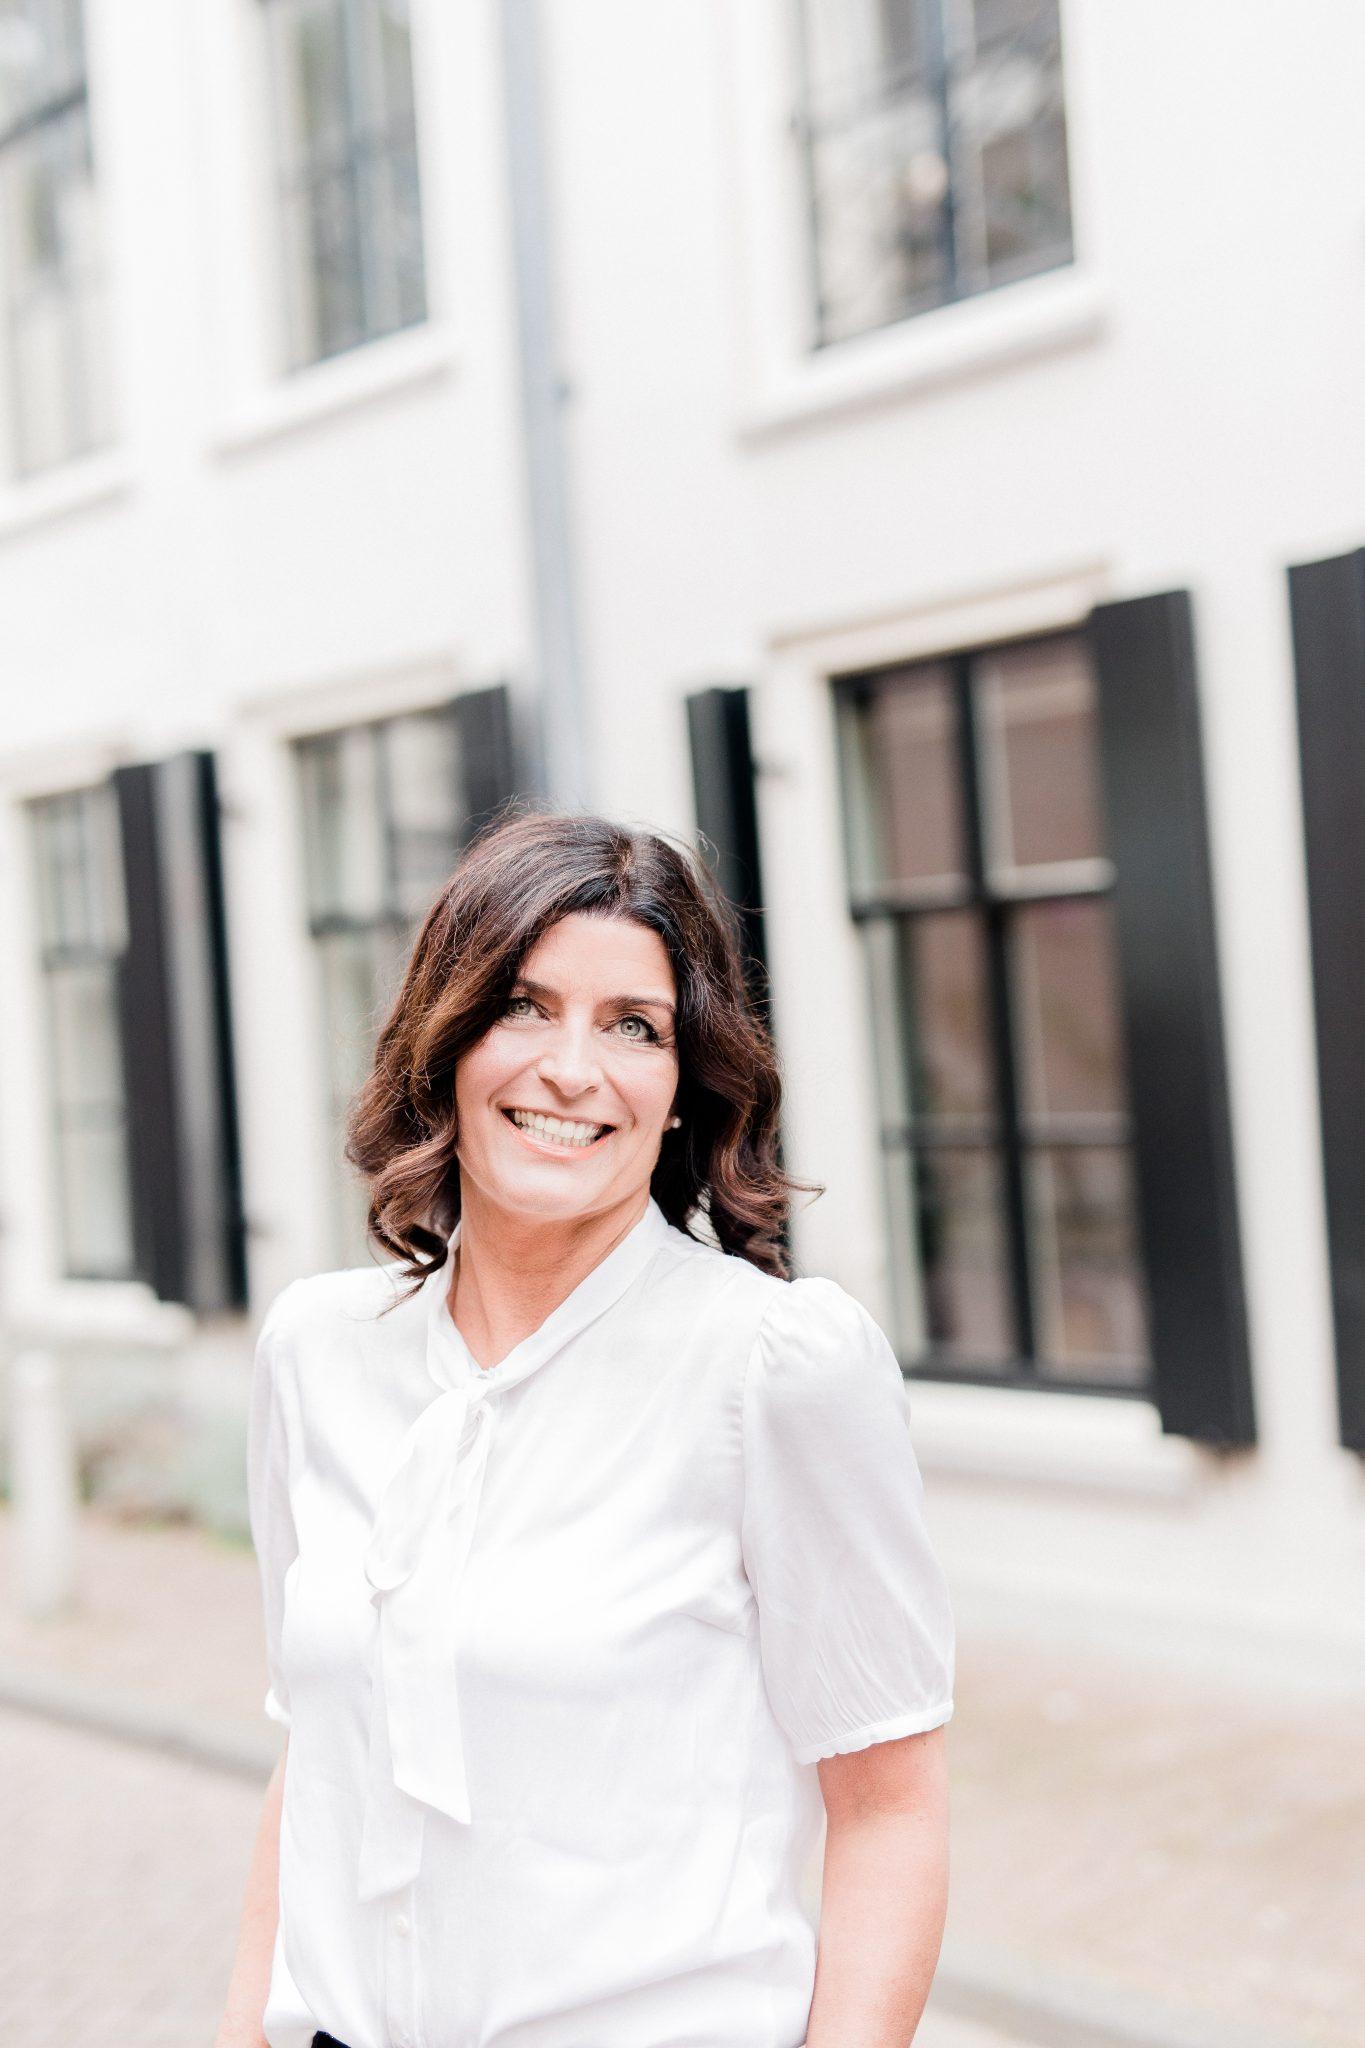 Hellen Meijer wedding planner & wedding stylist Nozza